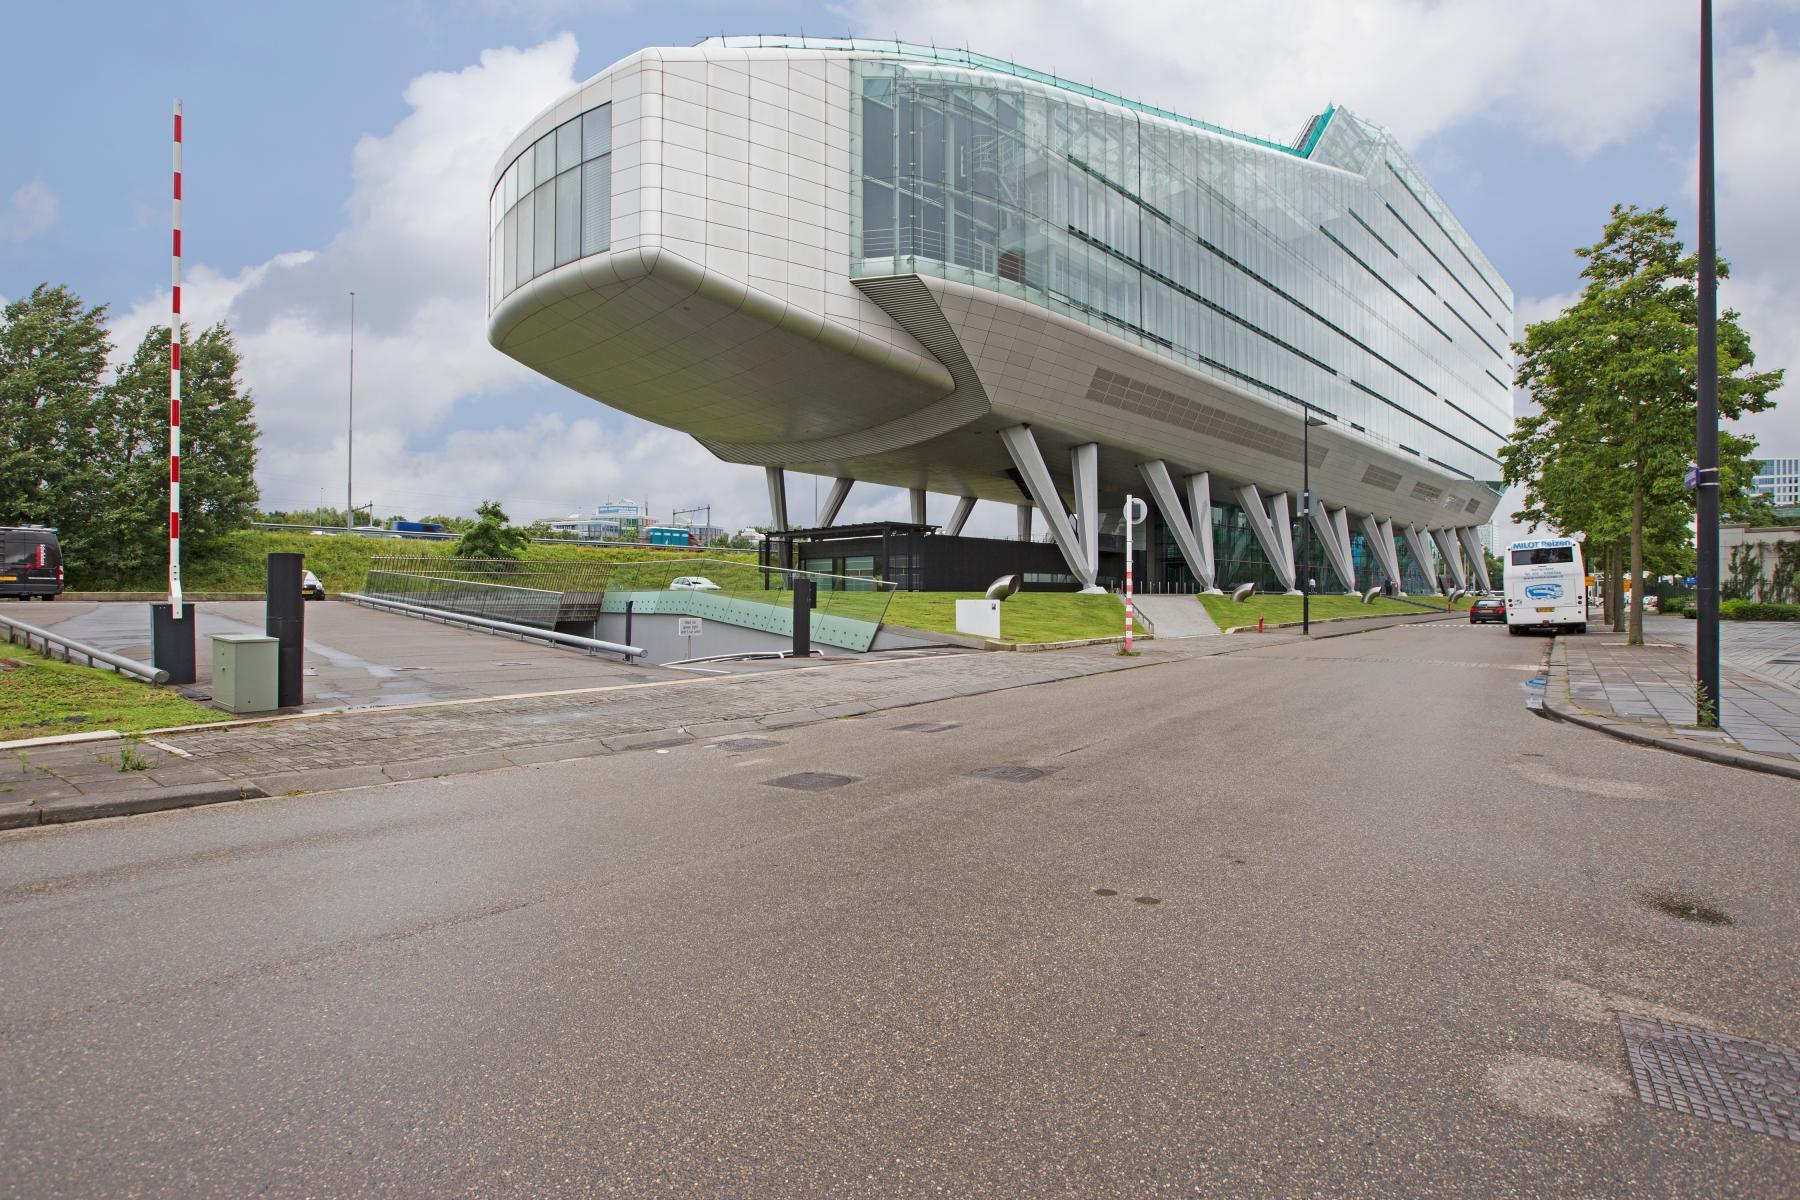 skepp amstelveenseweg amsterdam huren buitenzijde kantoor schoen